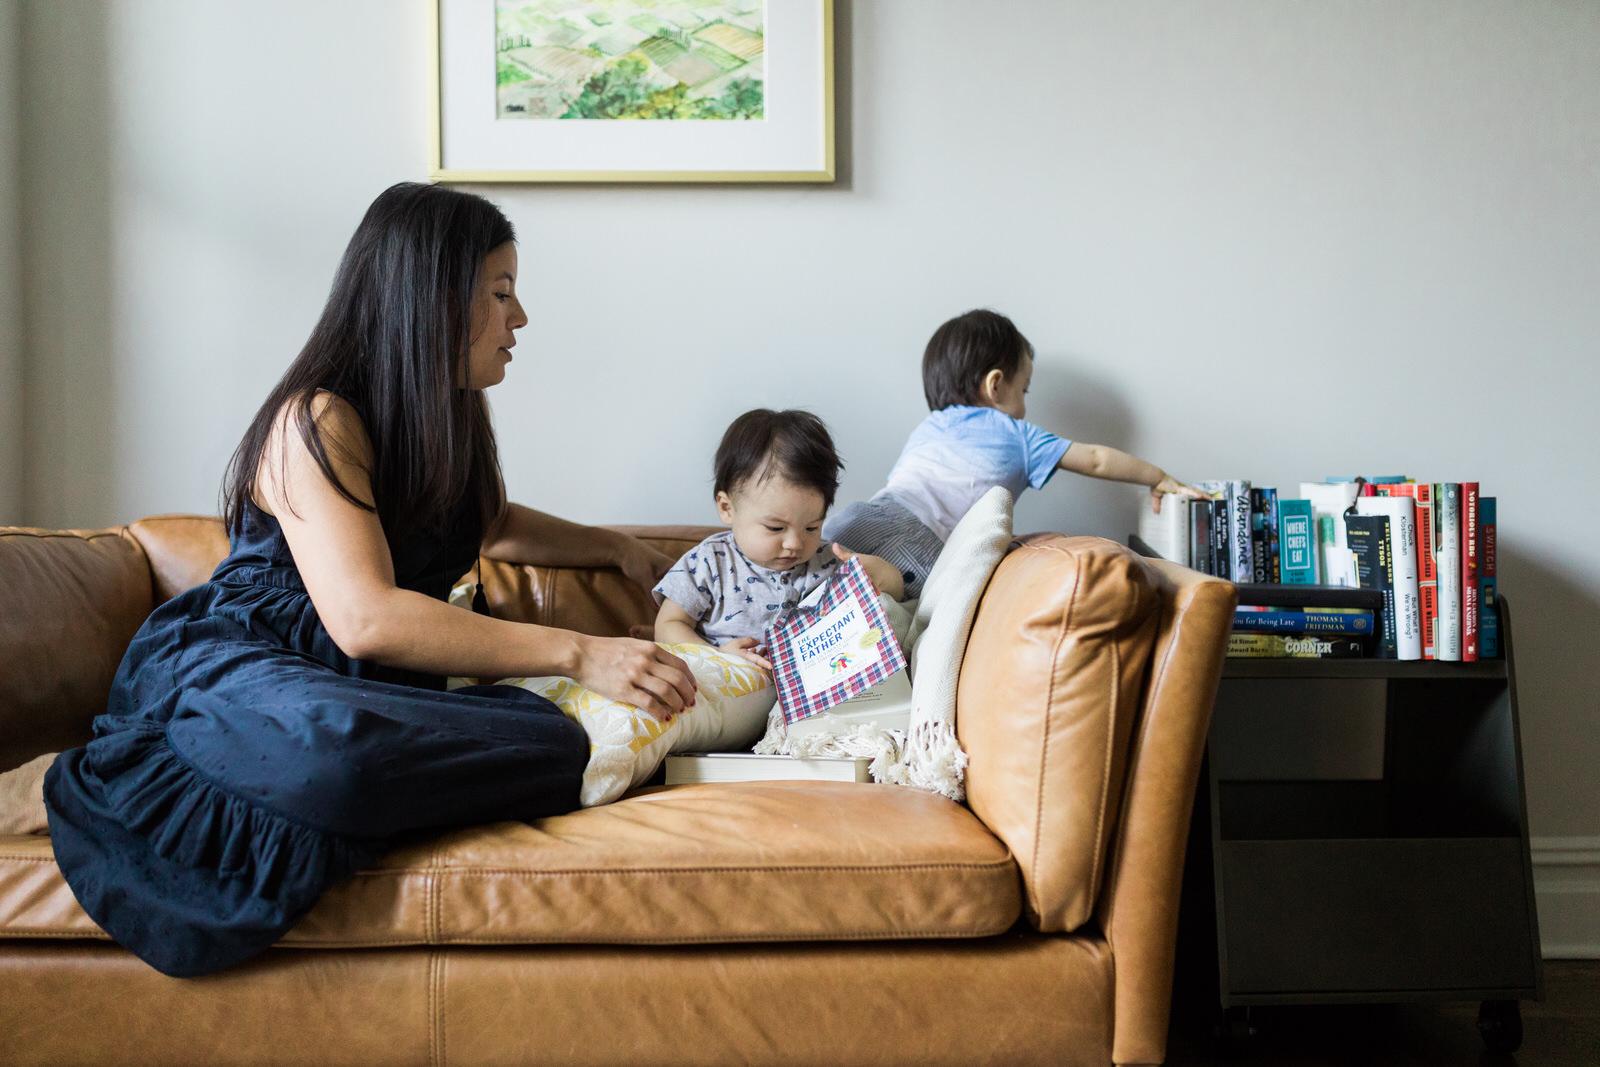 family-photography-brooklyn-ny-02.jpg